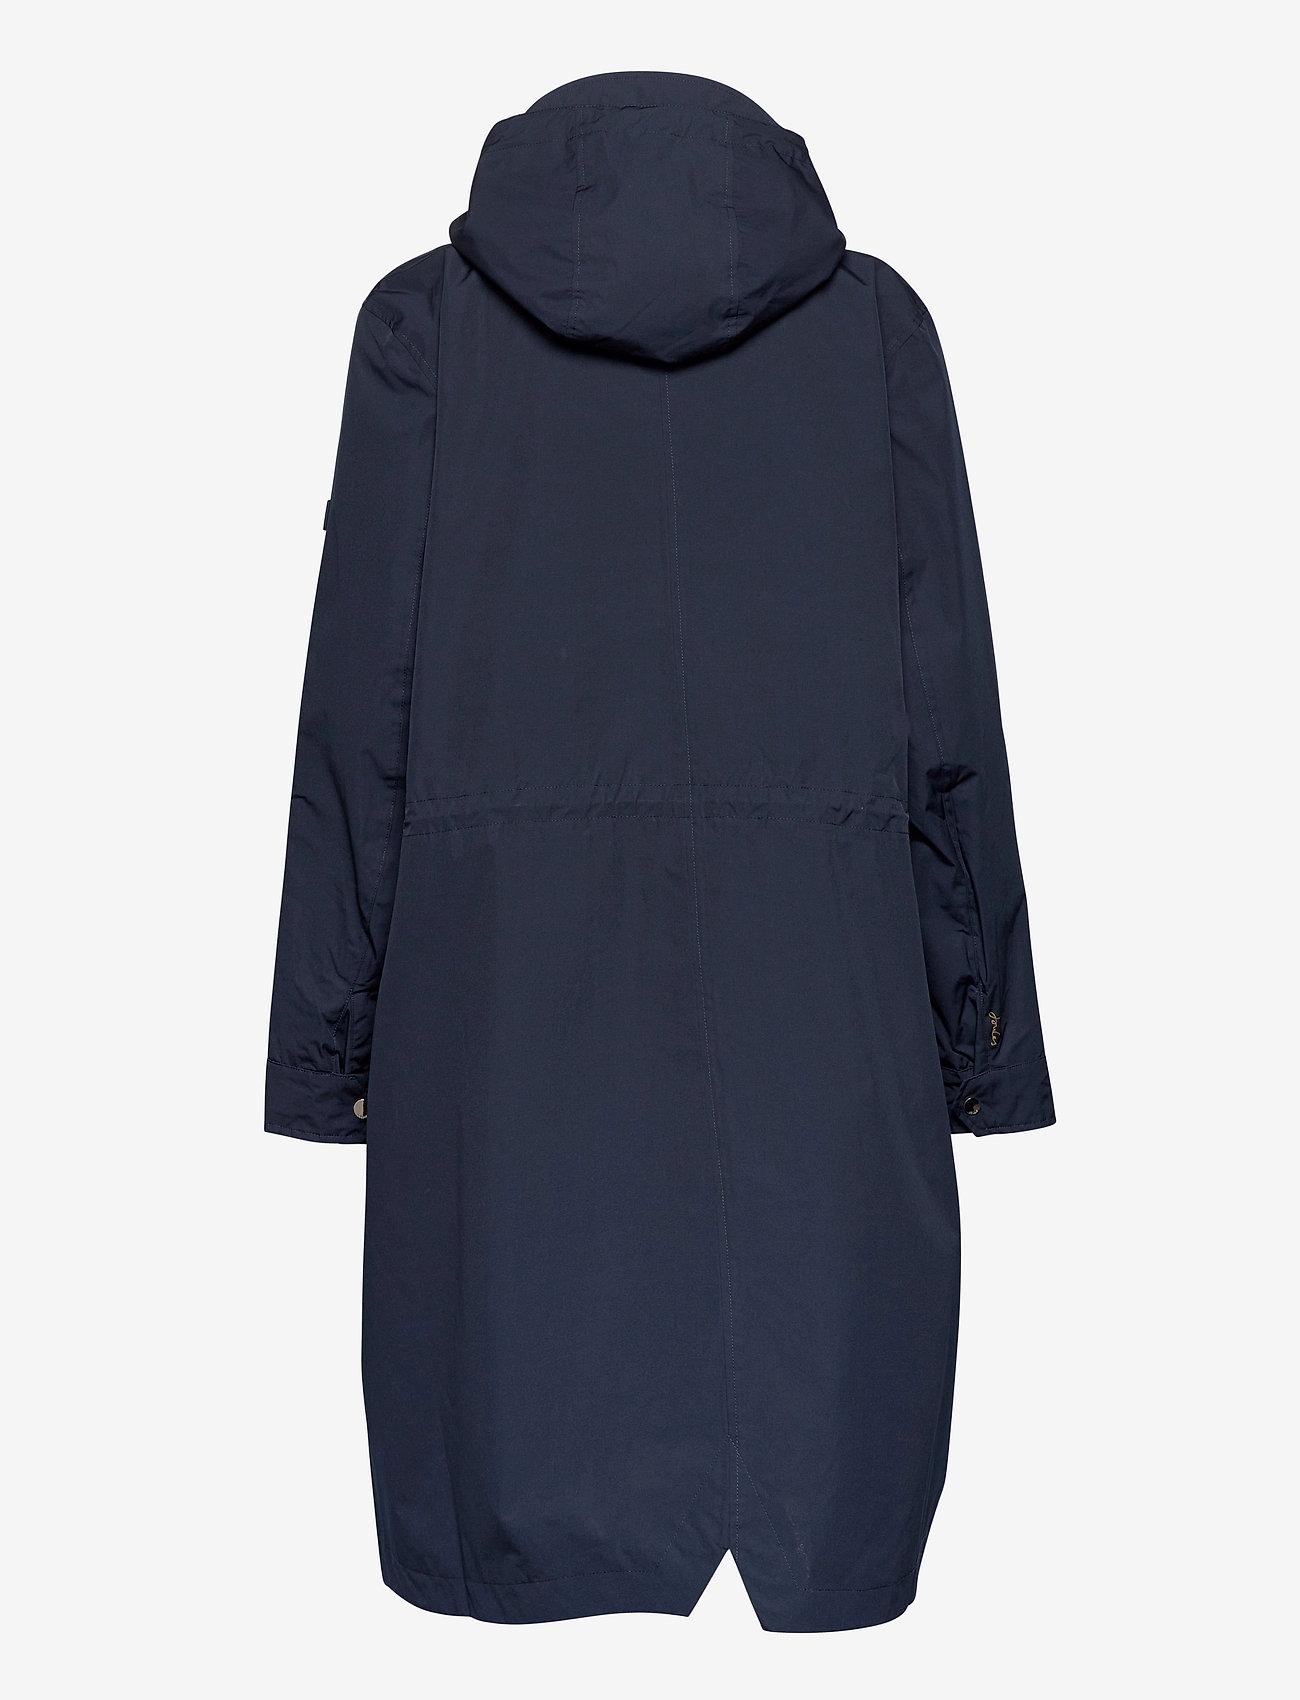 Joules - Taunton - manteaux de pluie - marnavy - 1